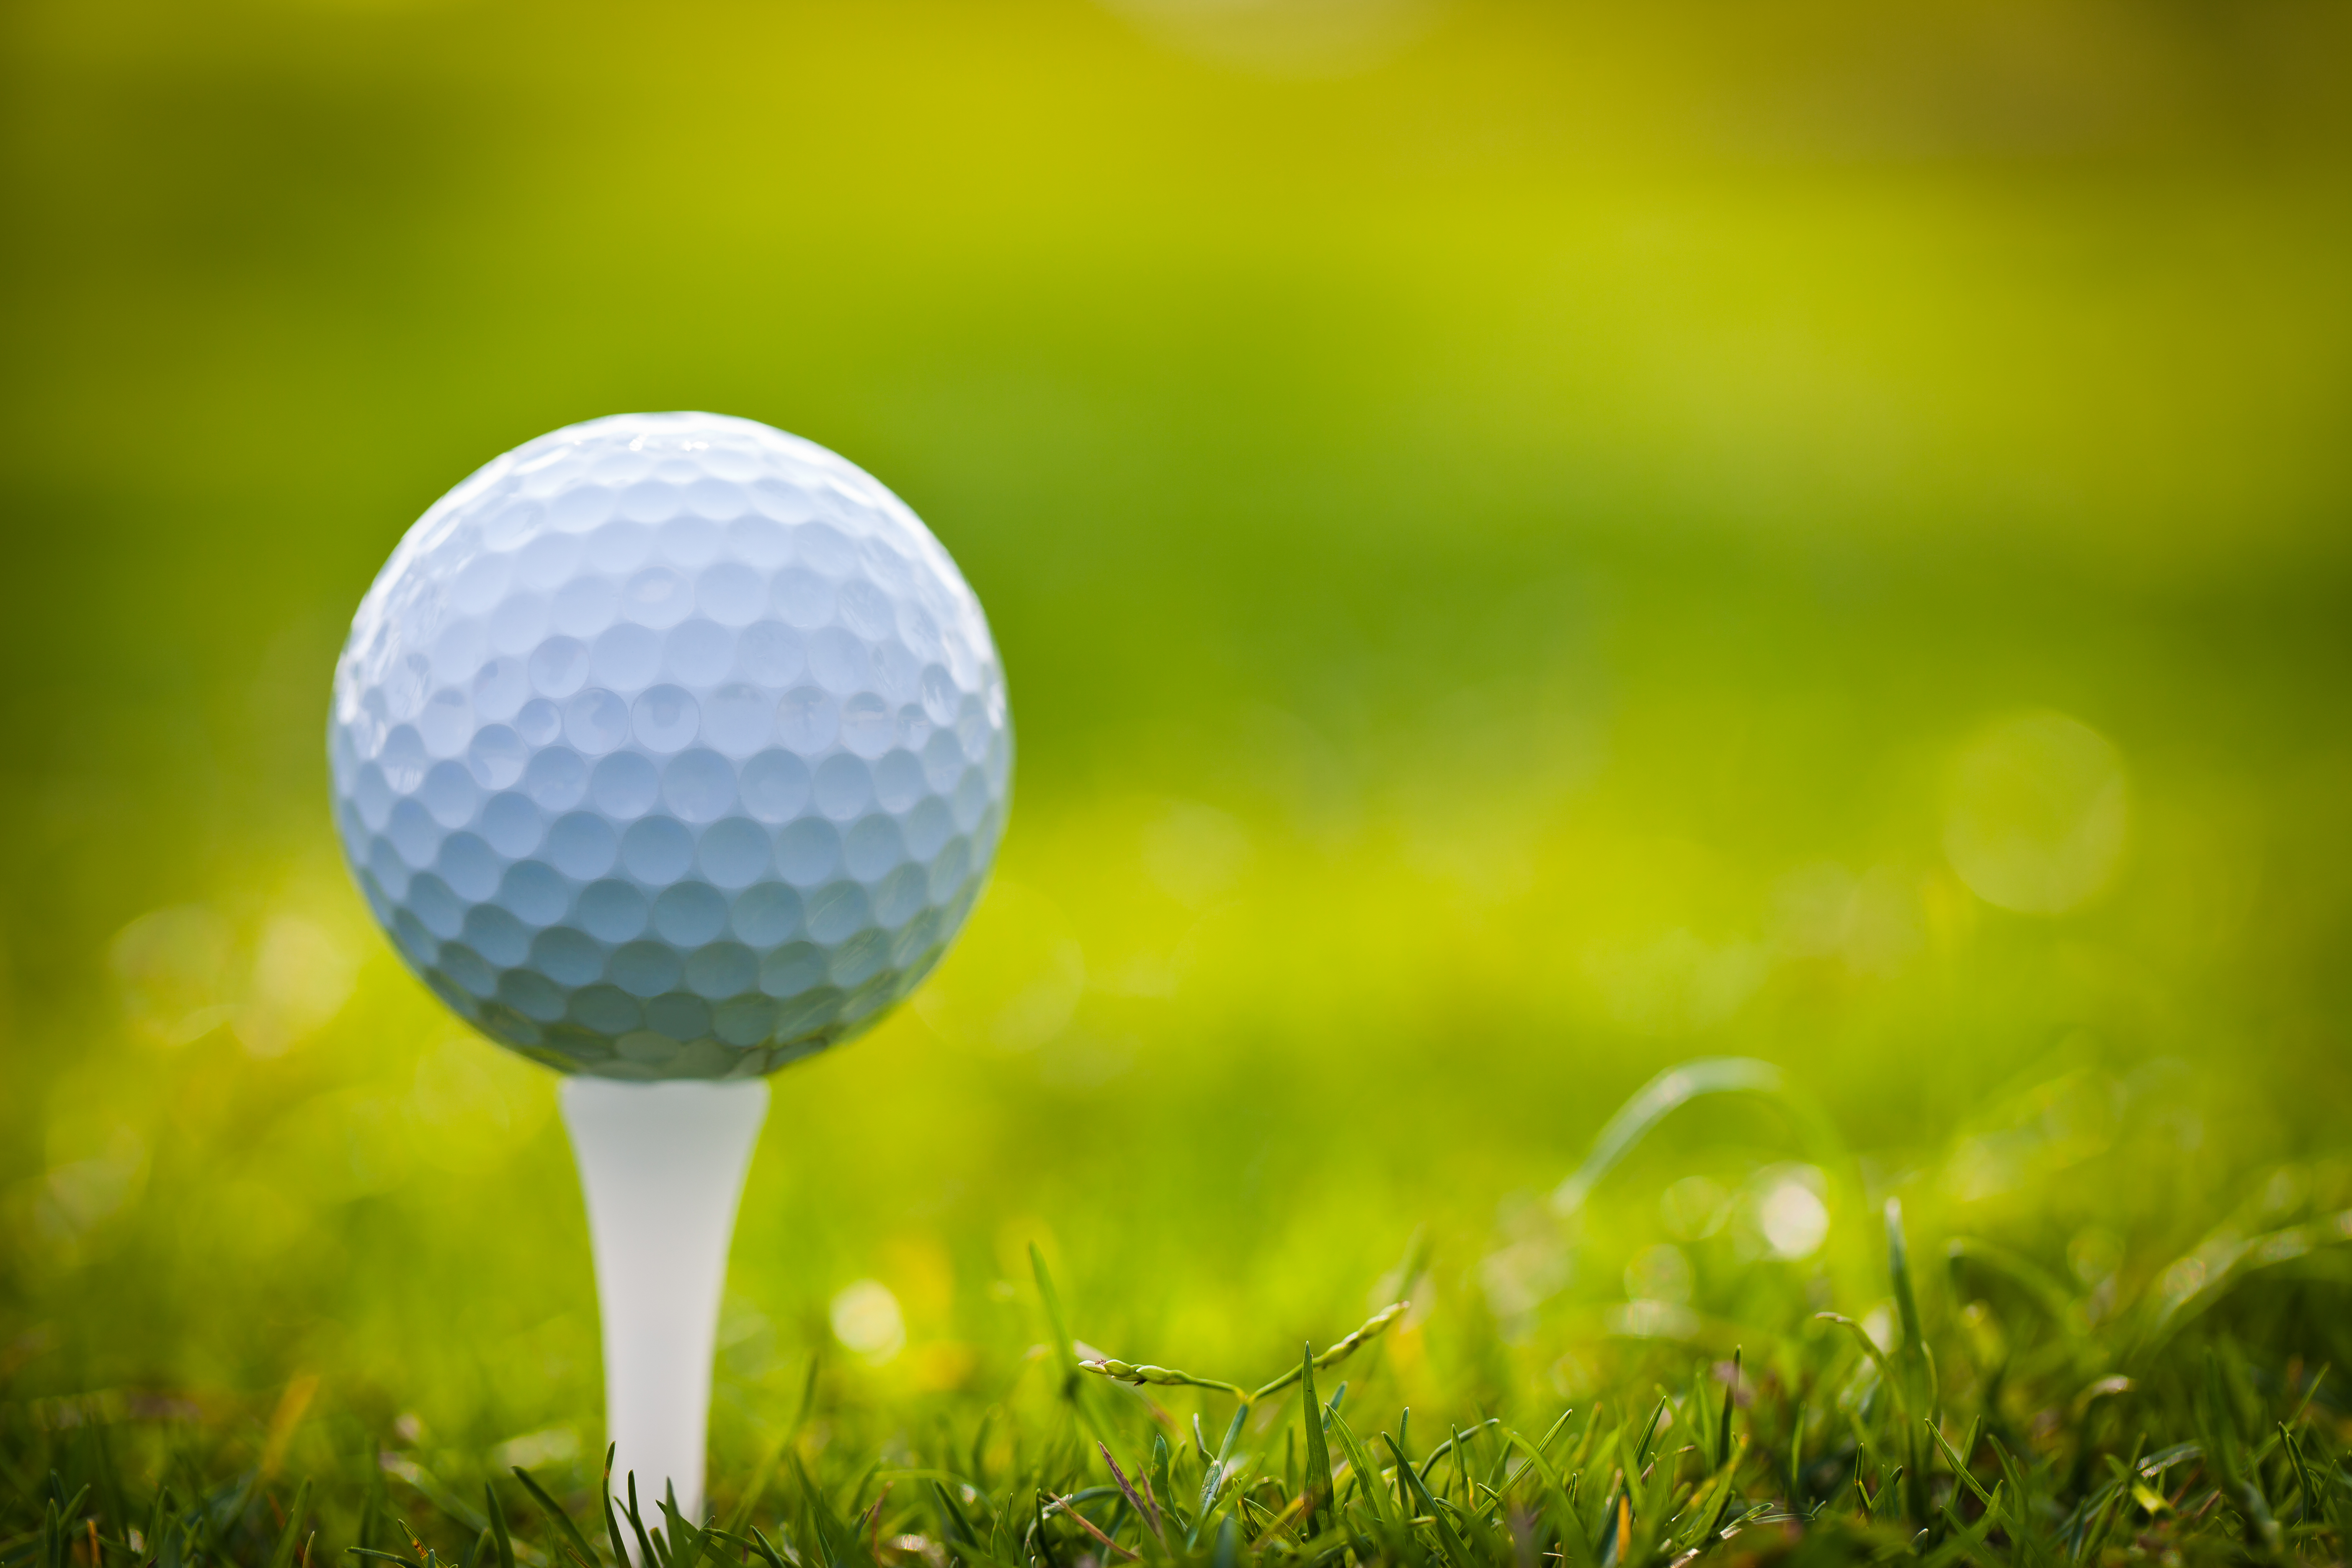 17 Golf Ball HD Wallpapers